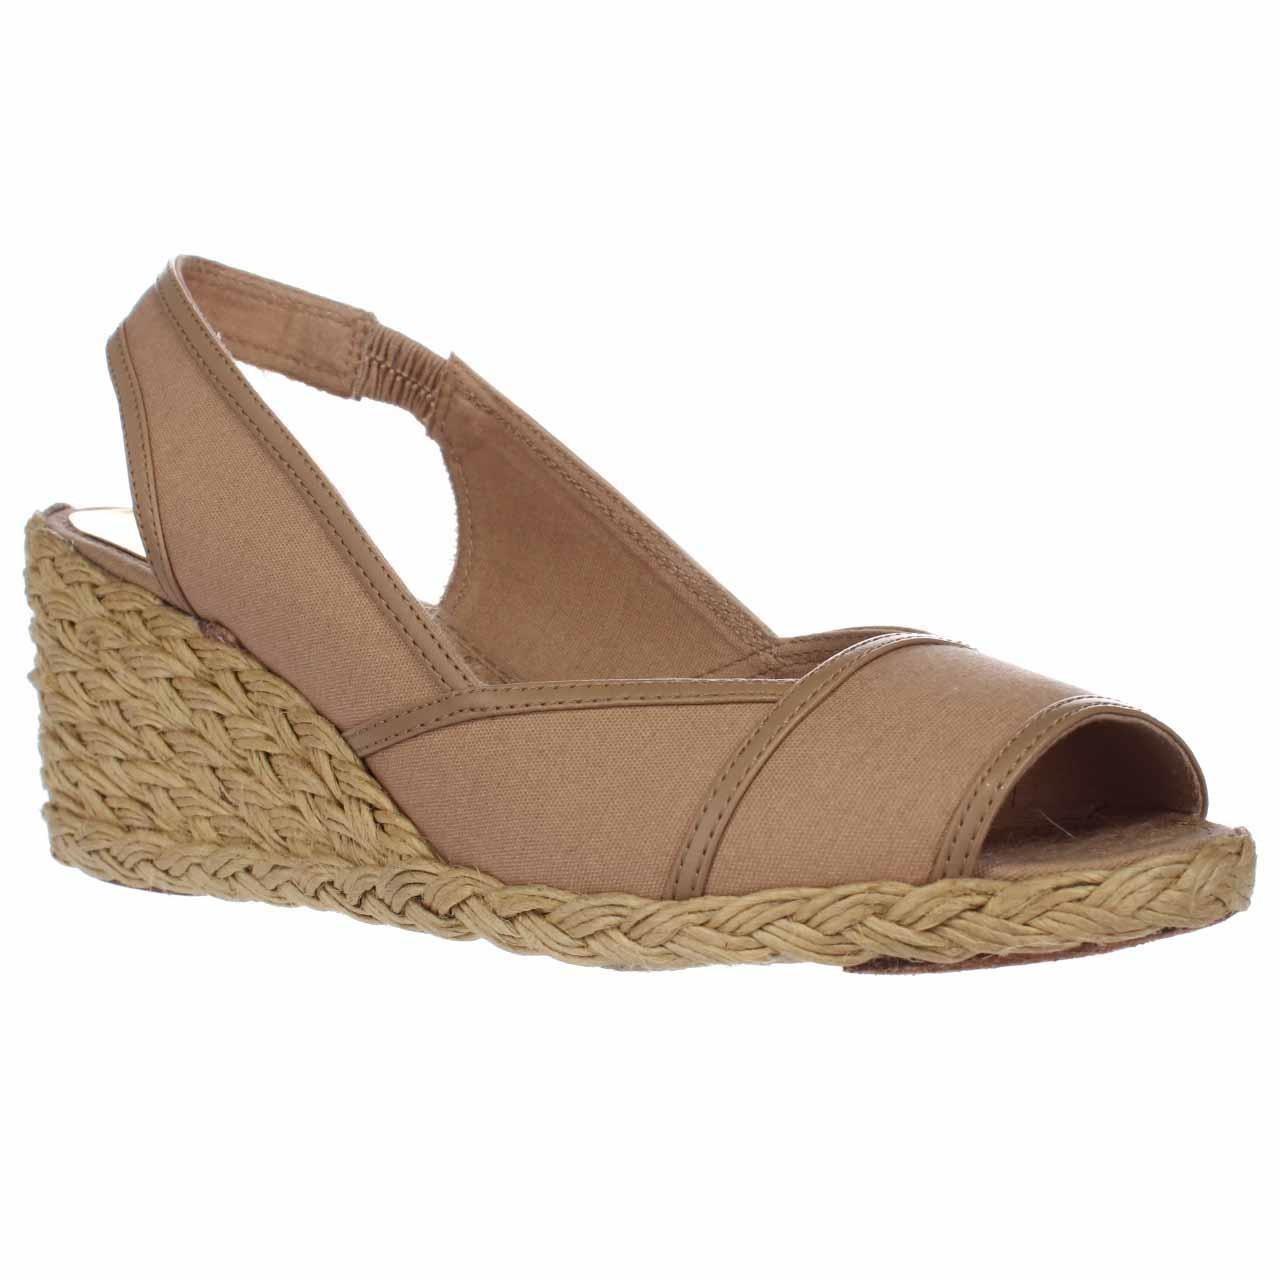 lauren by ralph lauren lauren ralph lauren catrin espadrille wedge sandals in natural lyst. Black Bedroom Furniture Sets. Home Design Ideas